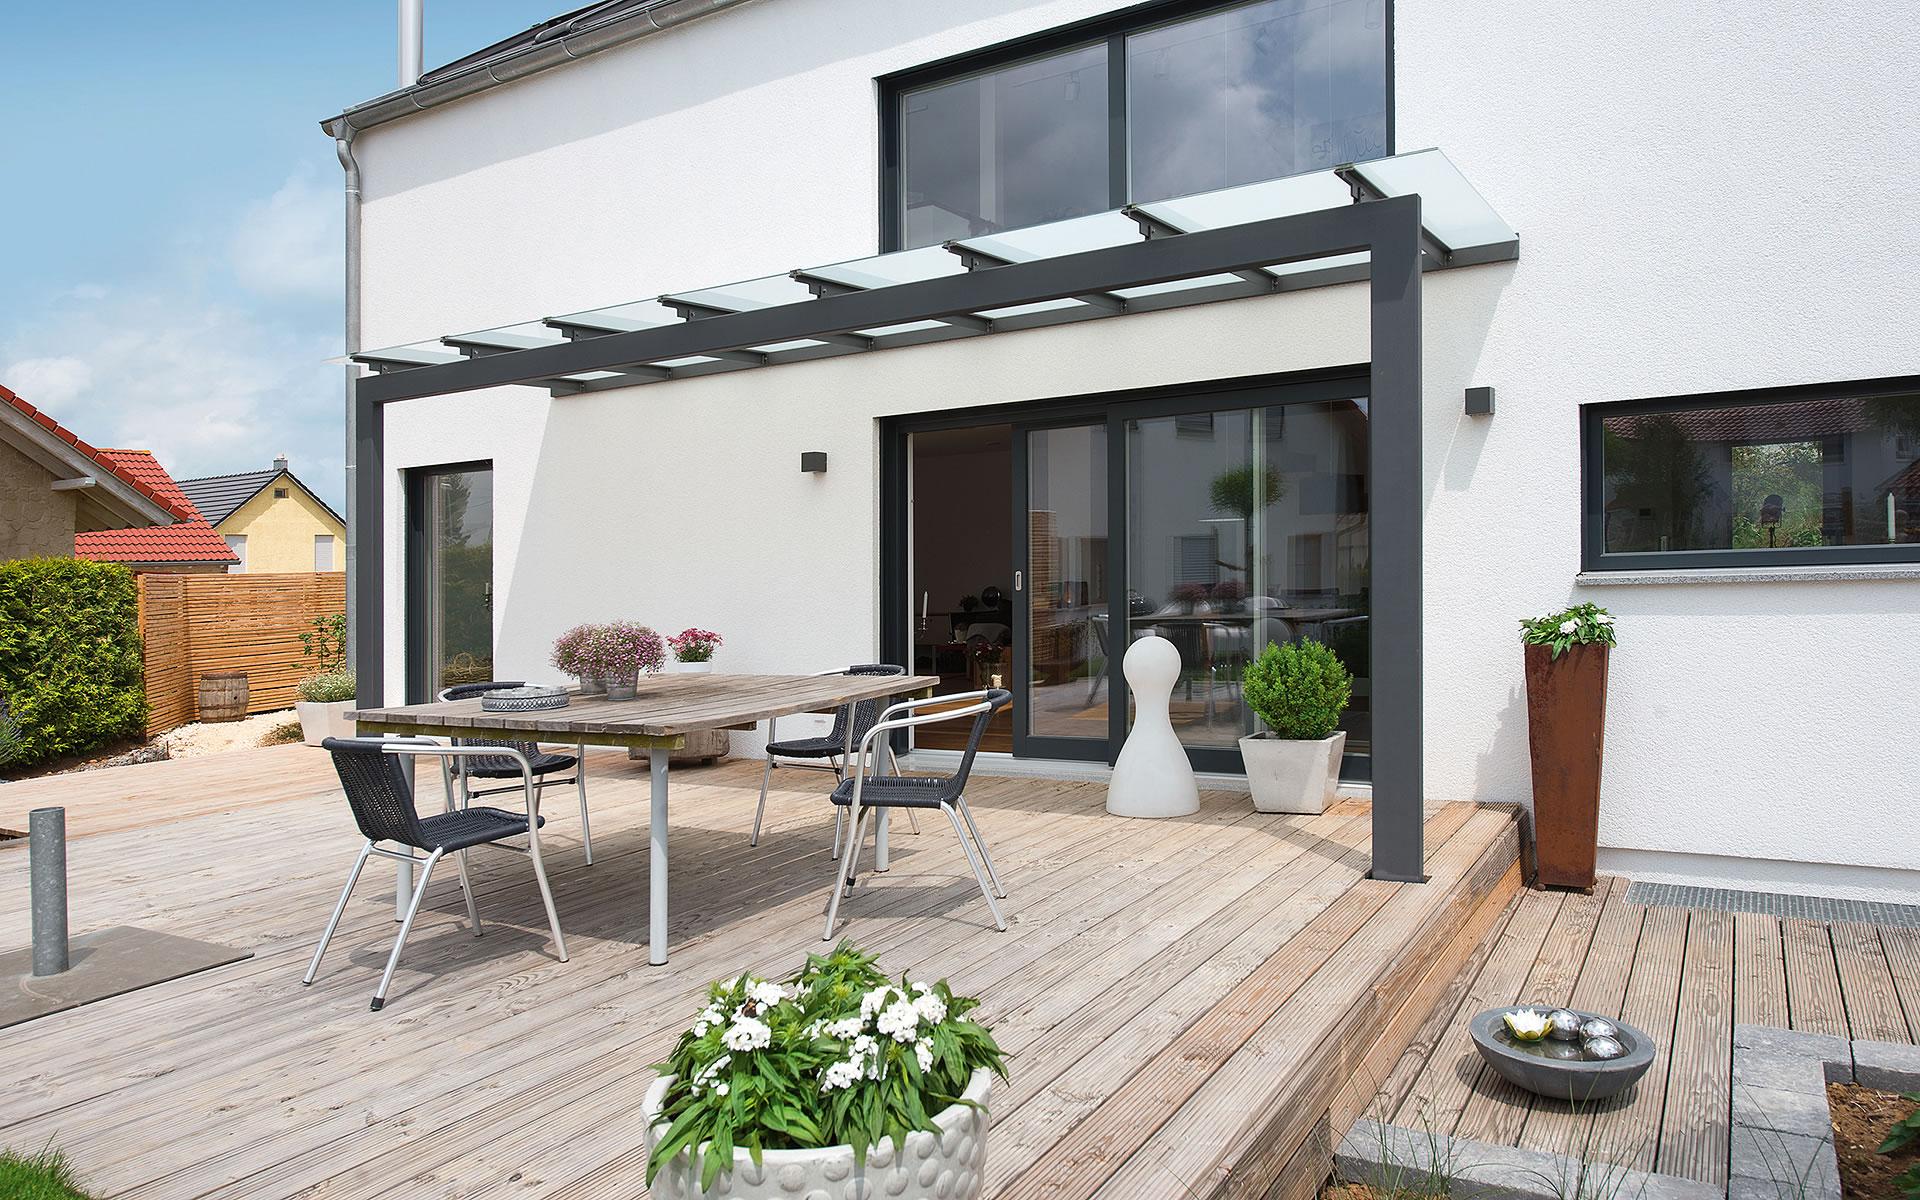 sunshine 300 (Friemert) von WeberHaus GmbH & Co. KG